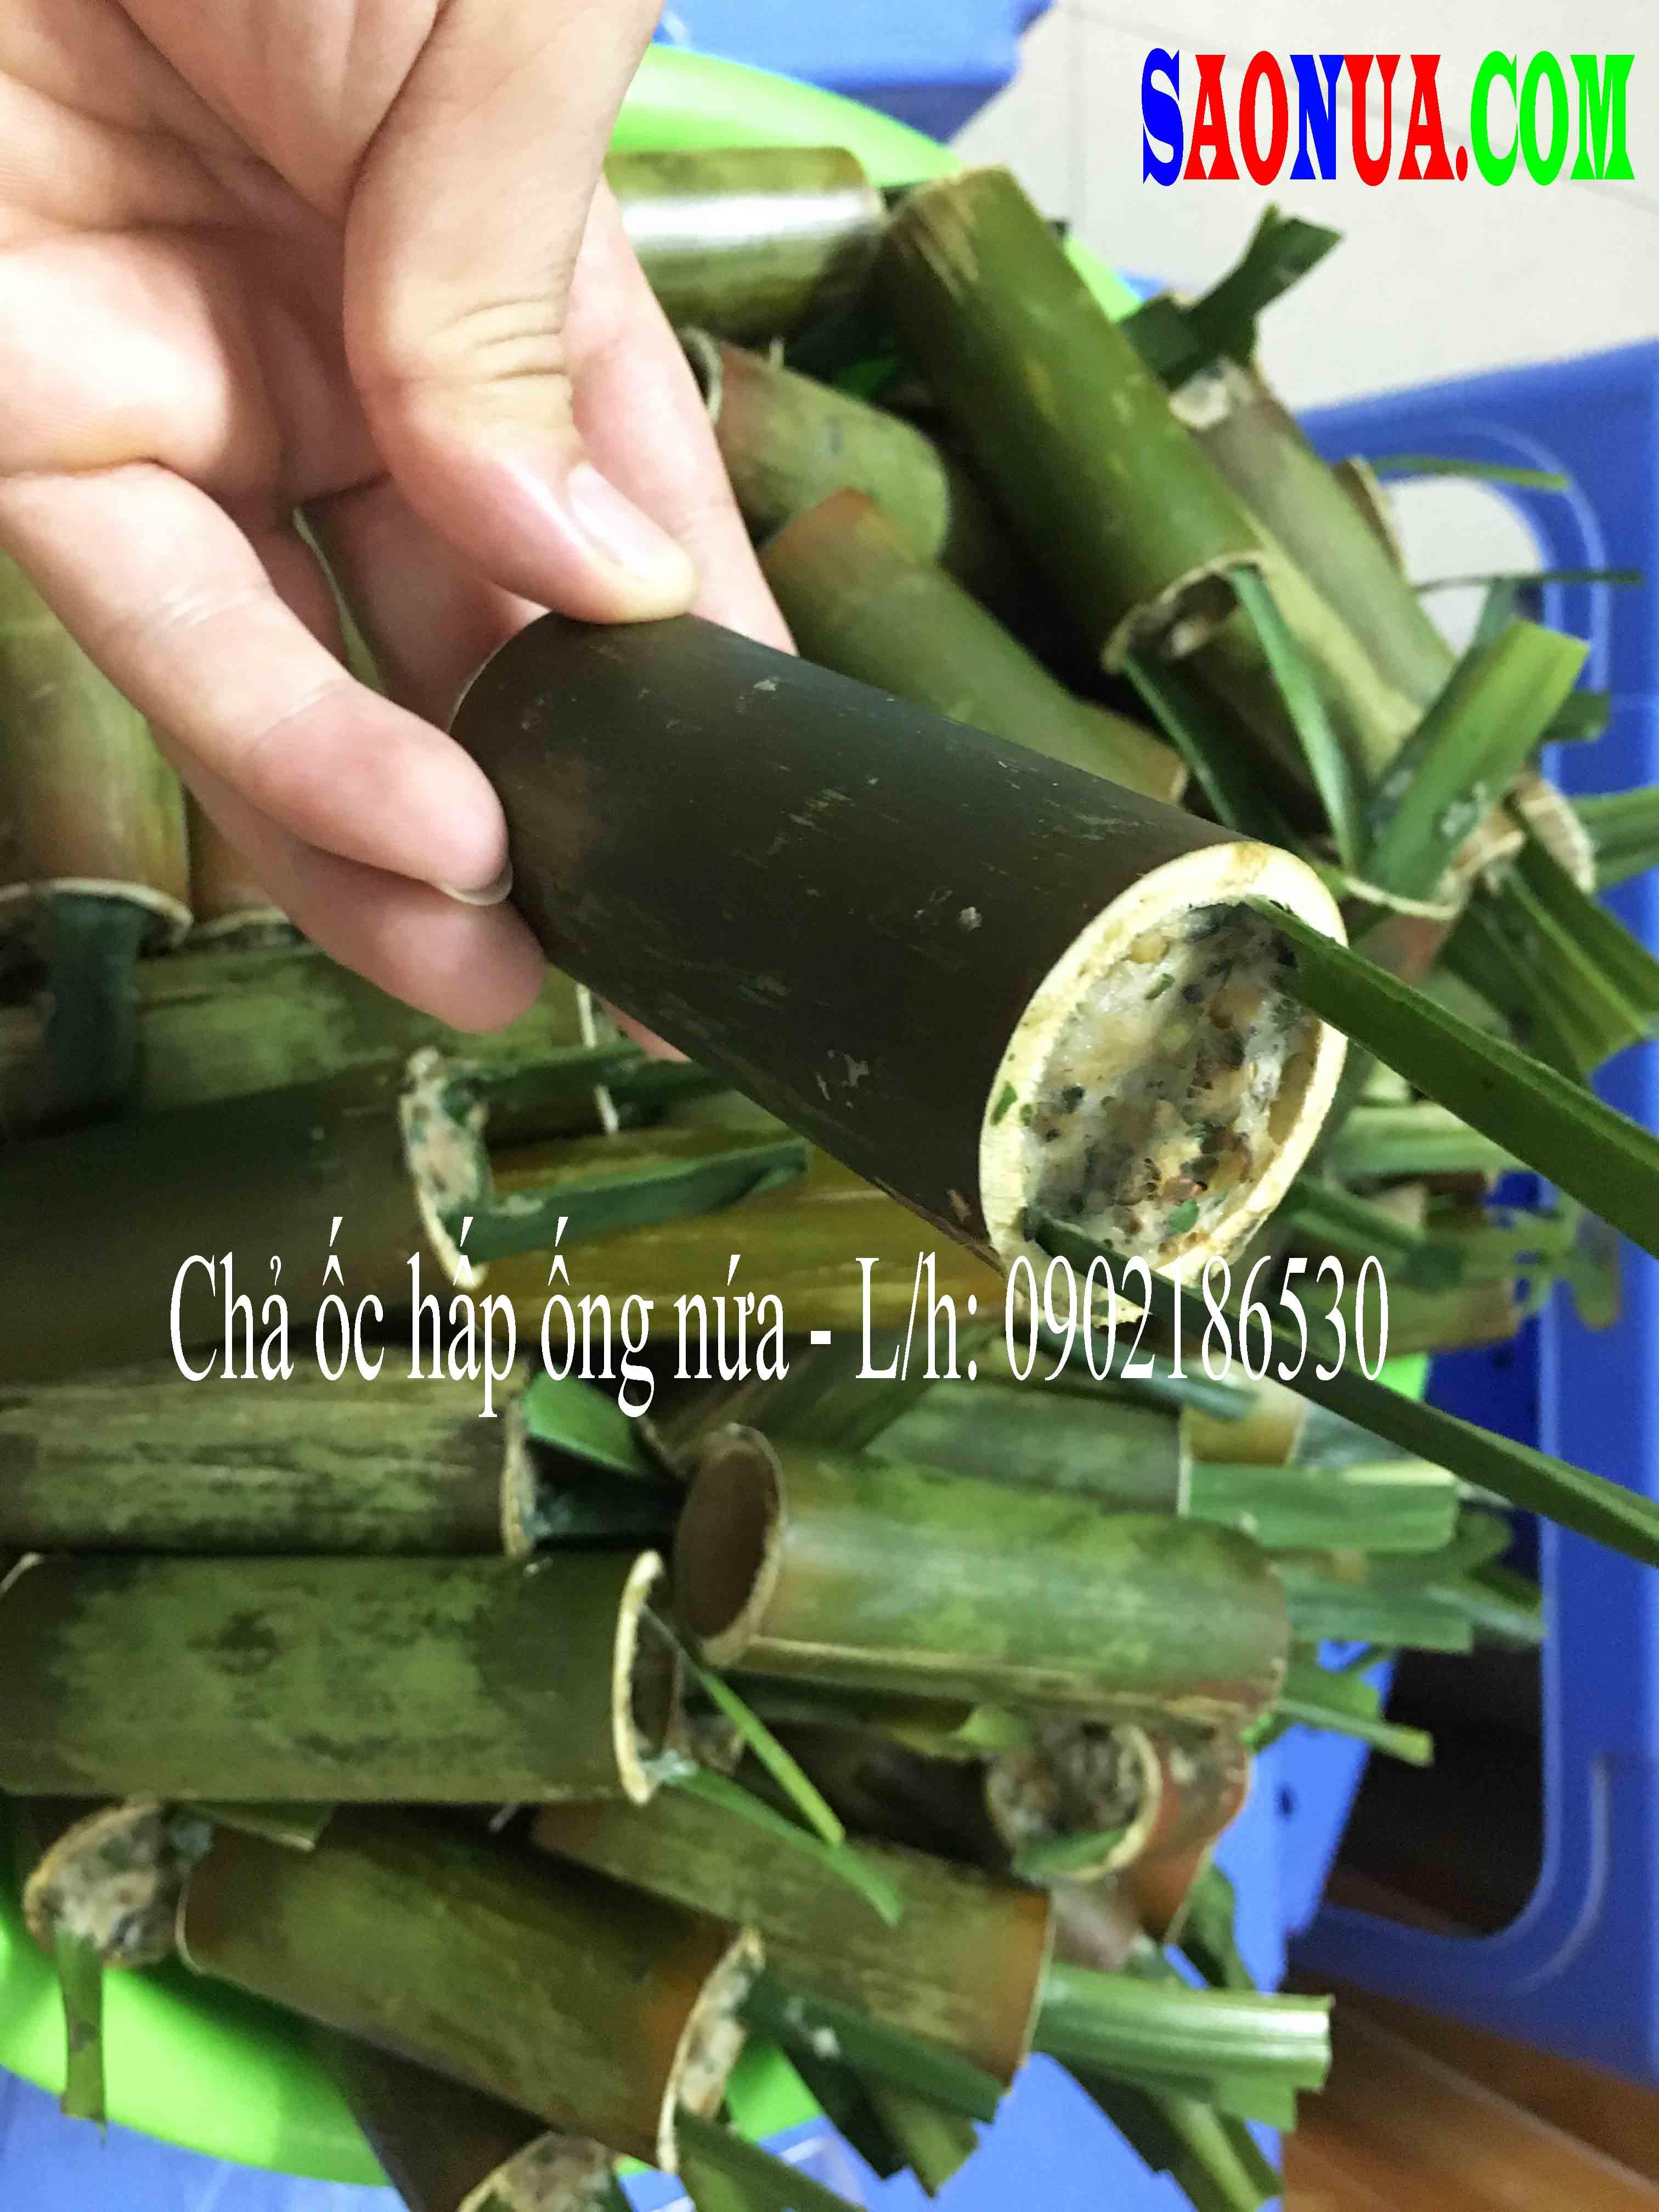 Chả ốc hấp ống nứa - Liên hệ mua hàng: 0902186530